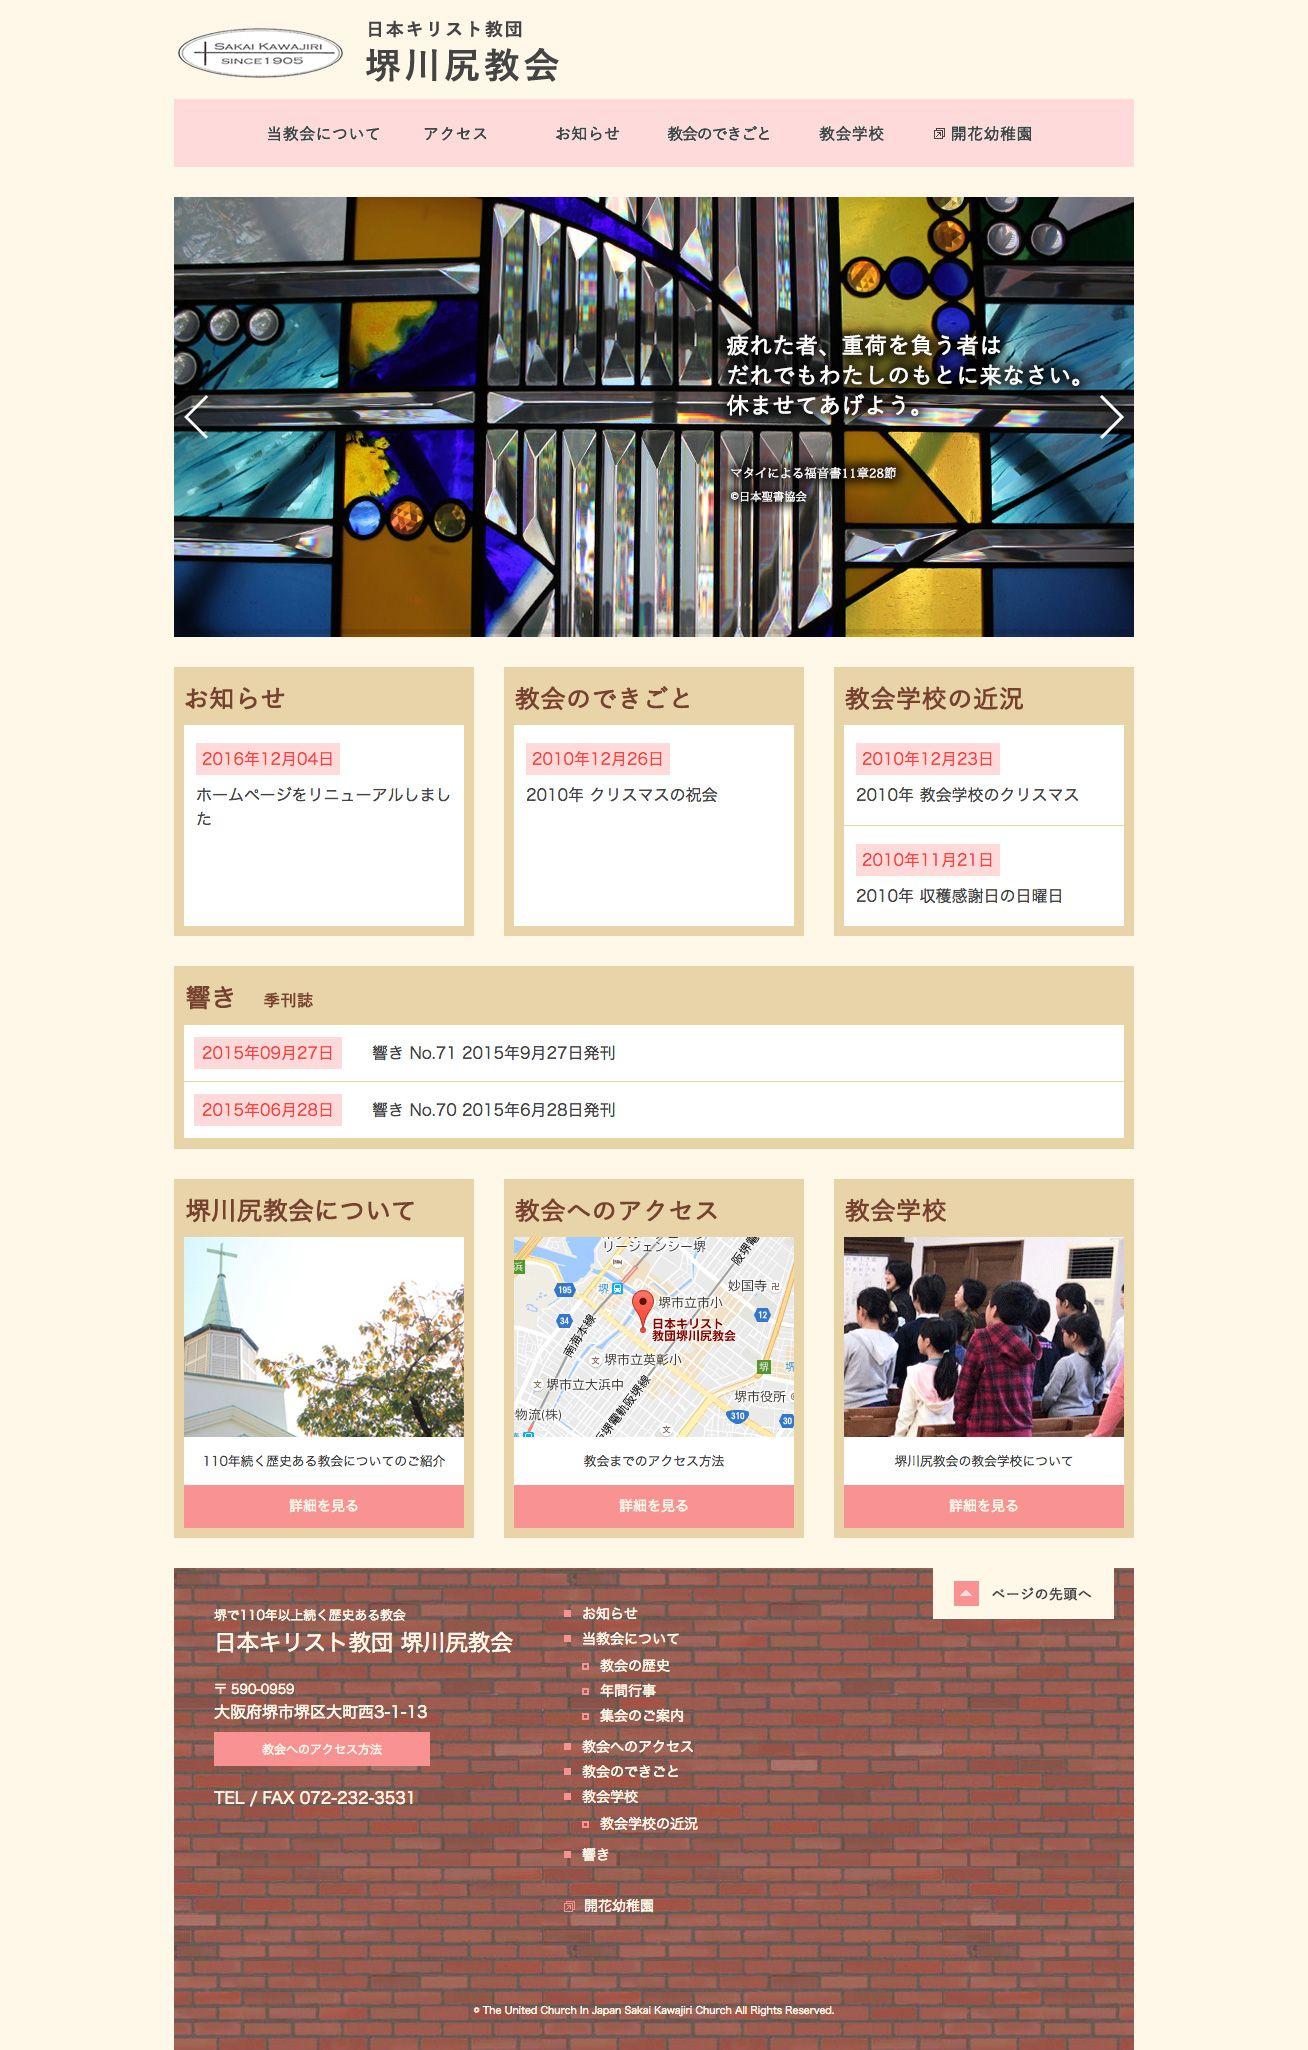 日本キリスト教団 堺川尻教会 公式サイト  堺市で110年続く教会  #WEBDESIGN